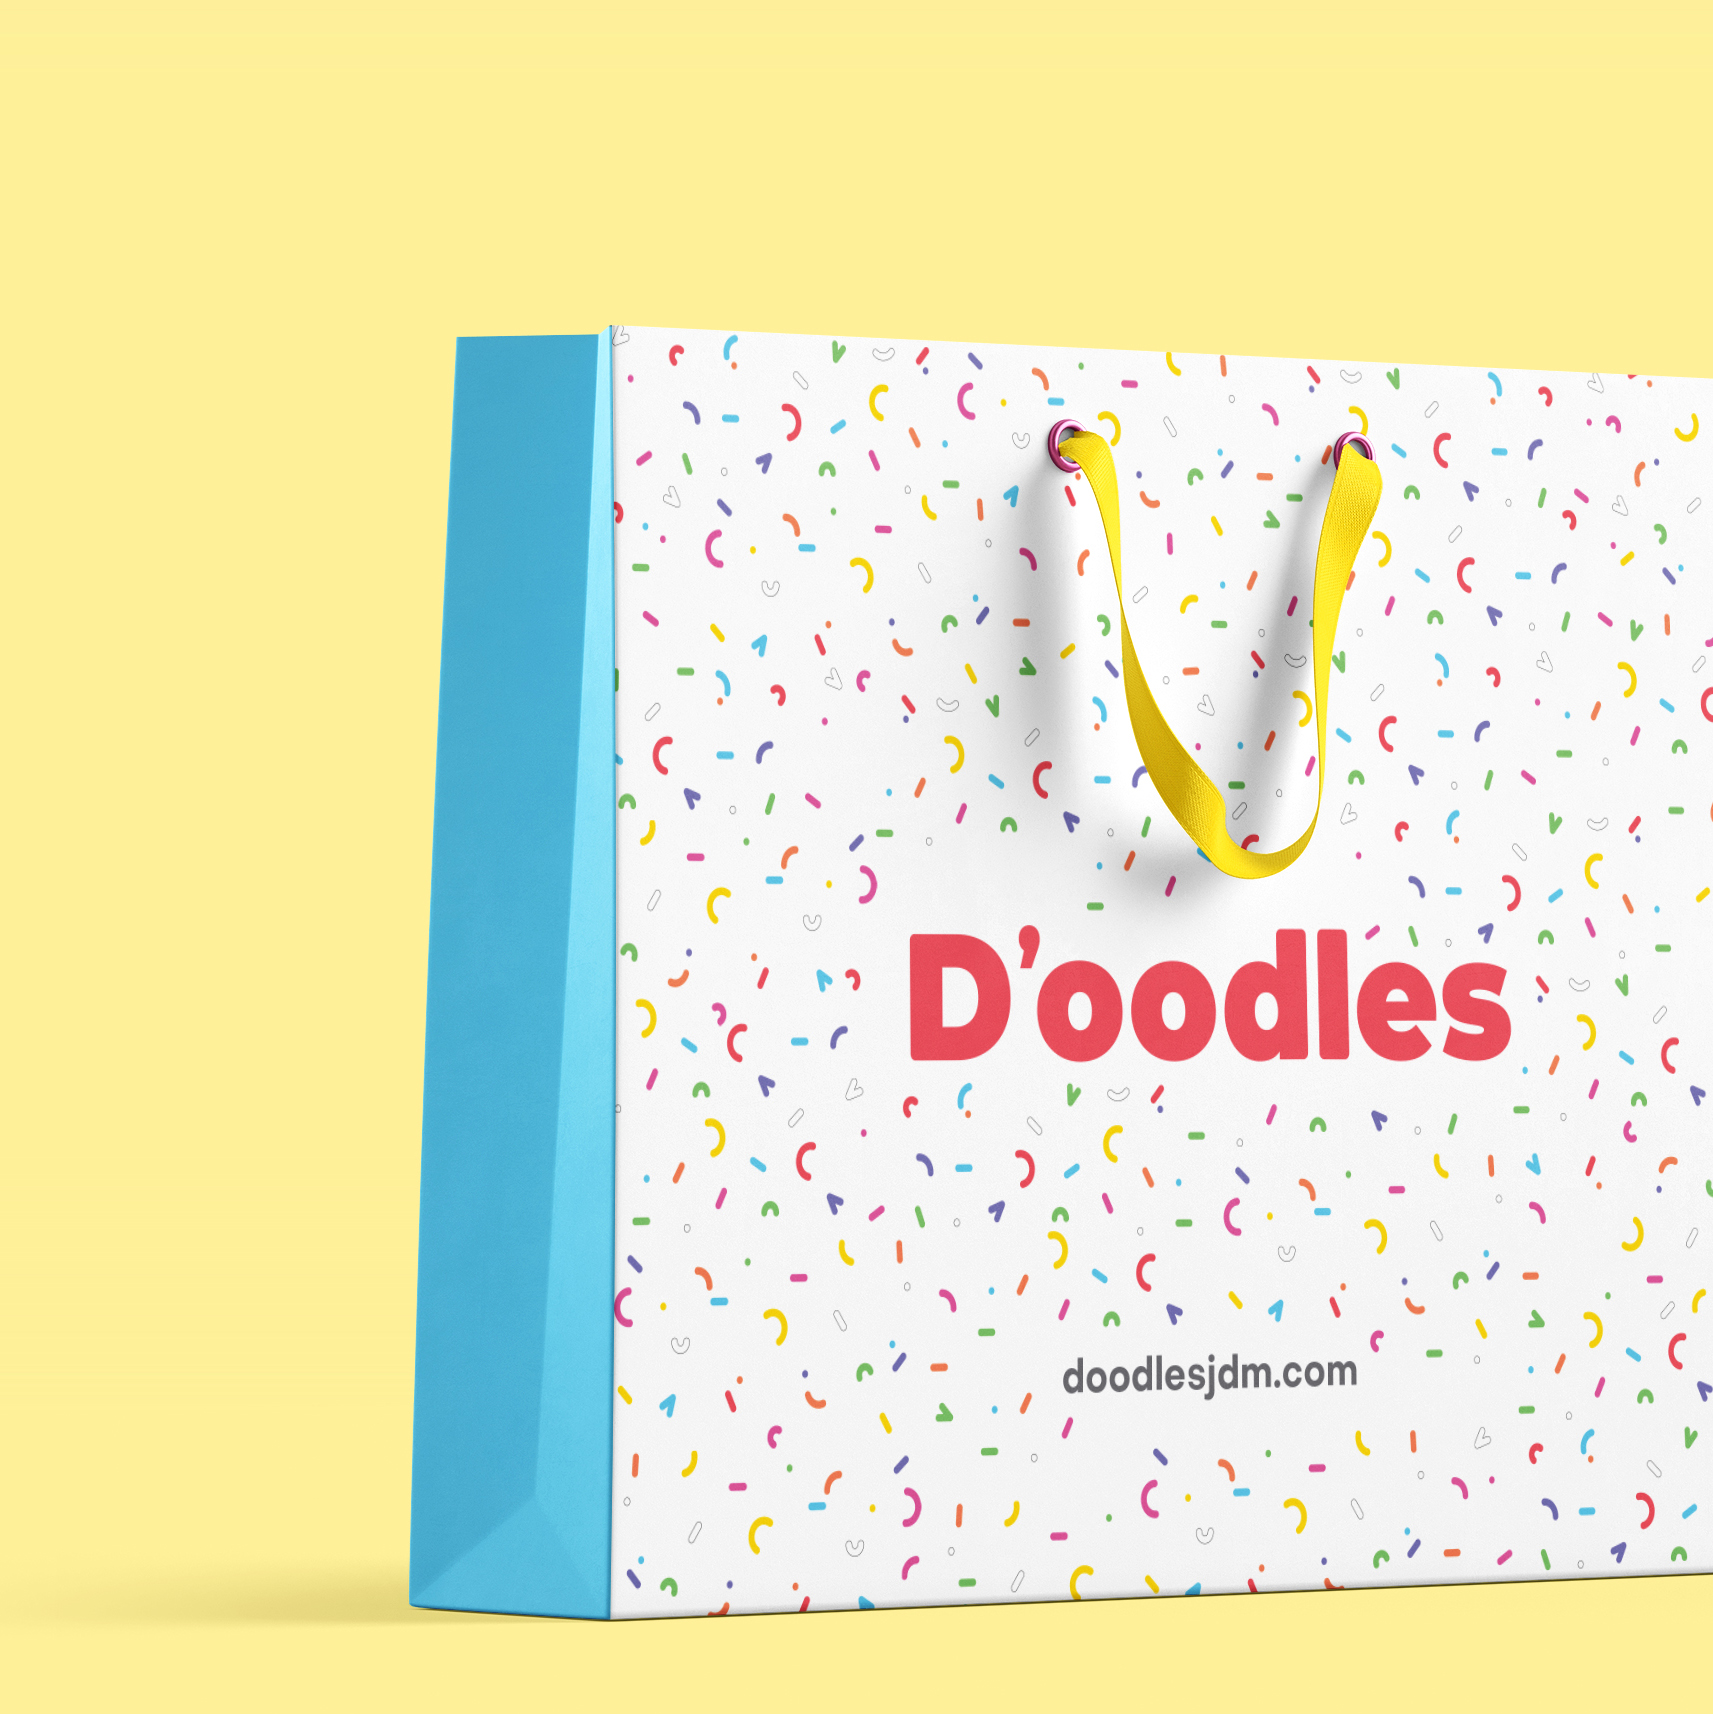 D'oodles